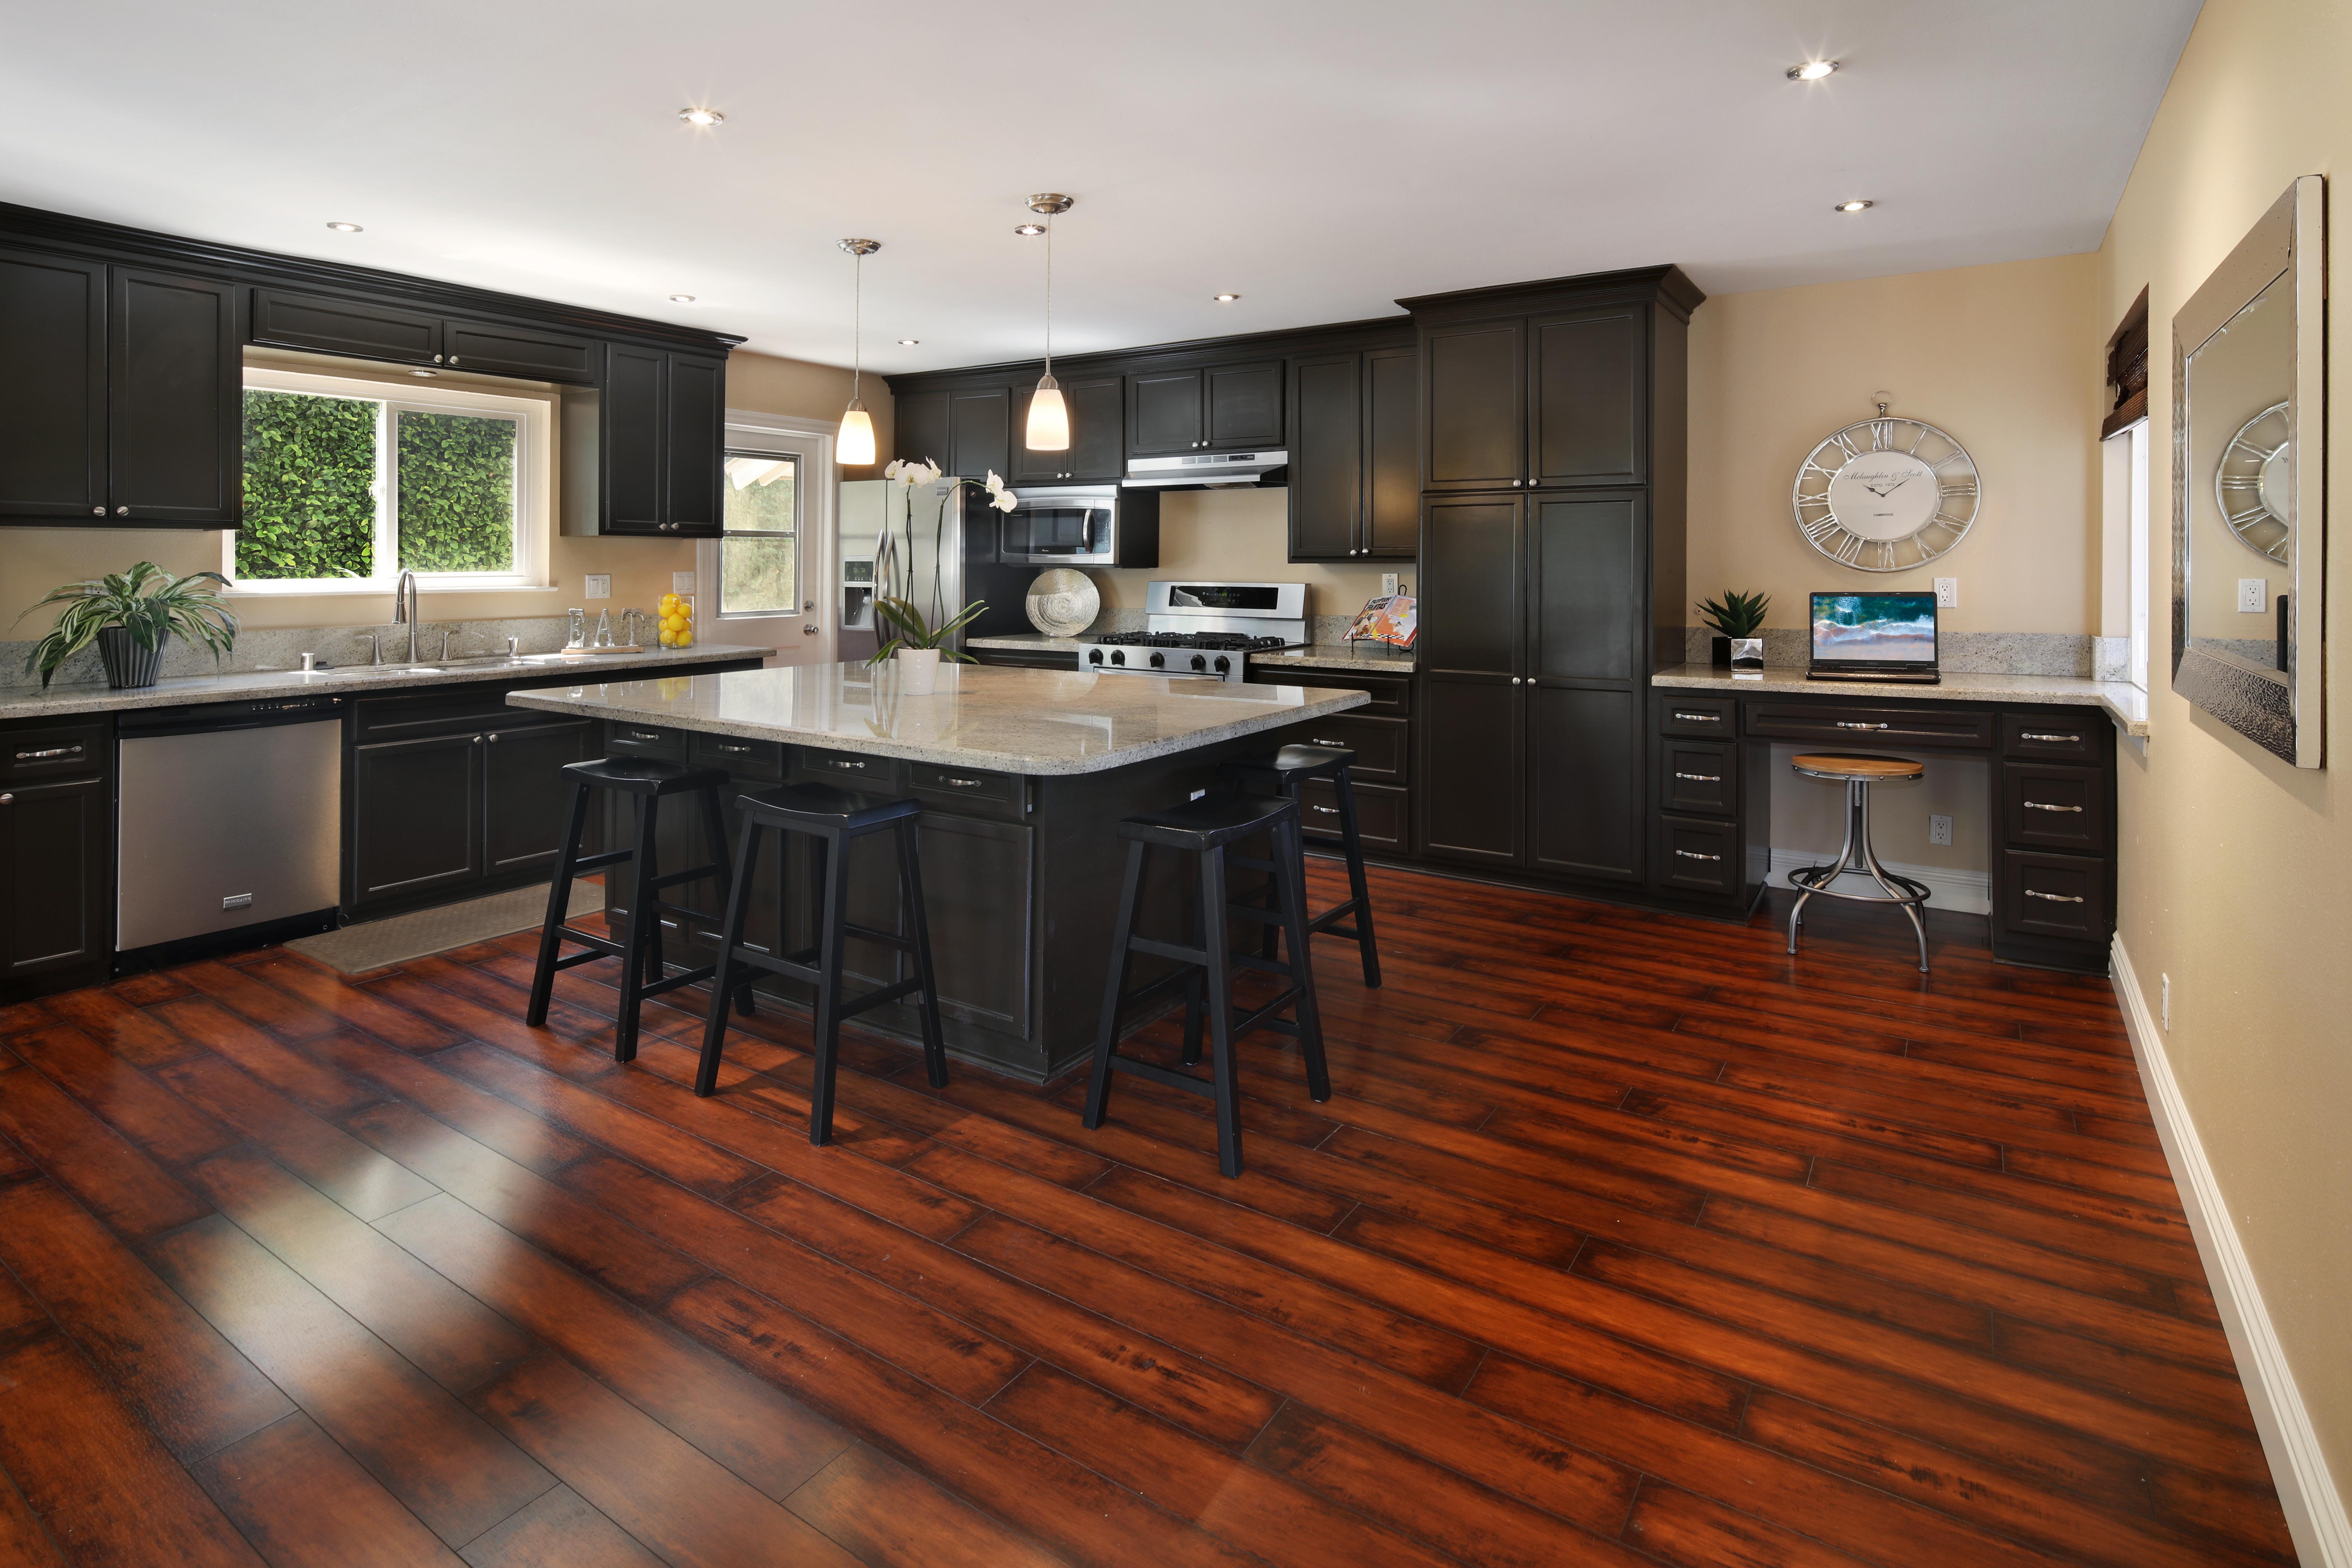 Картинки Кухня Интерьер стола Стулья Дизайн 6720x4480 кухни Стол стул столы дизайна